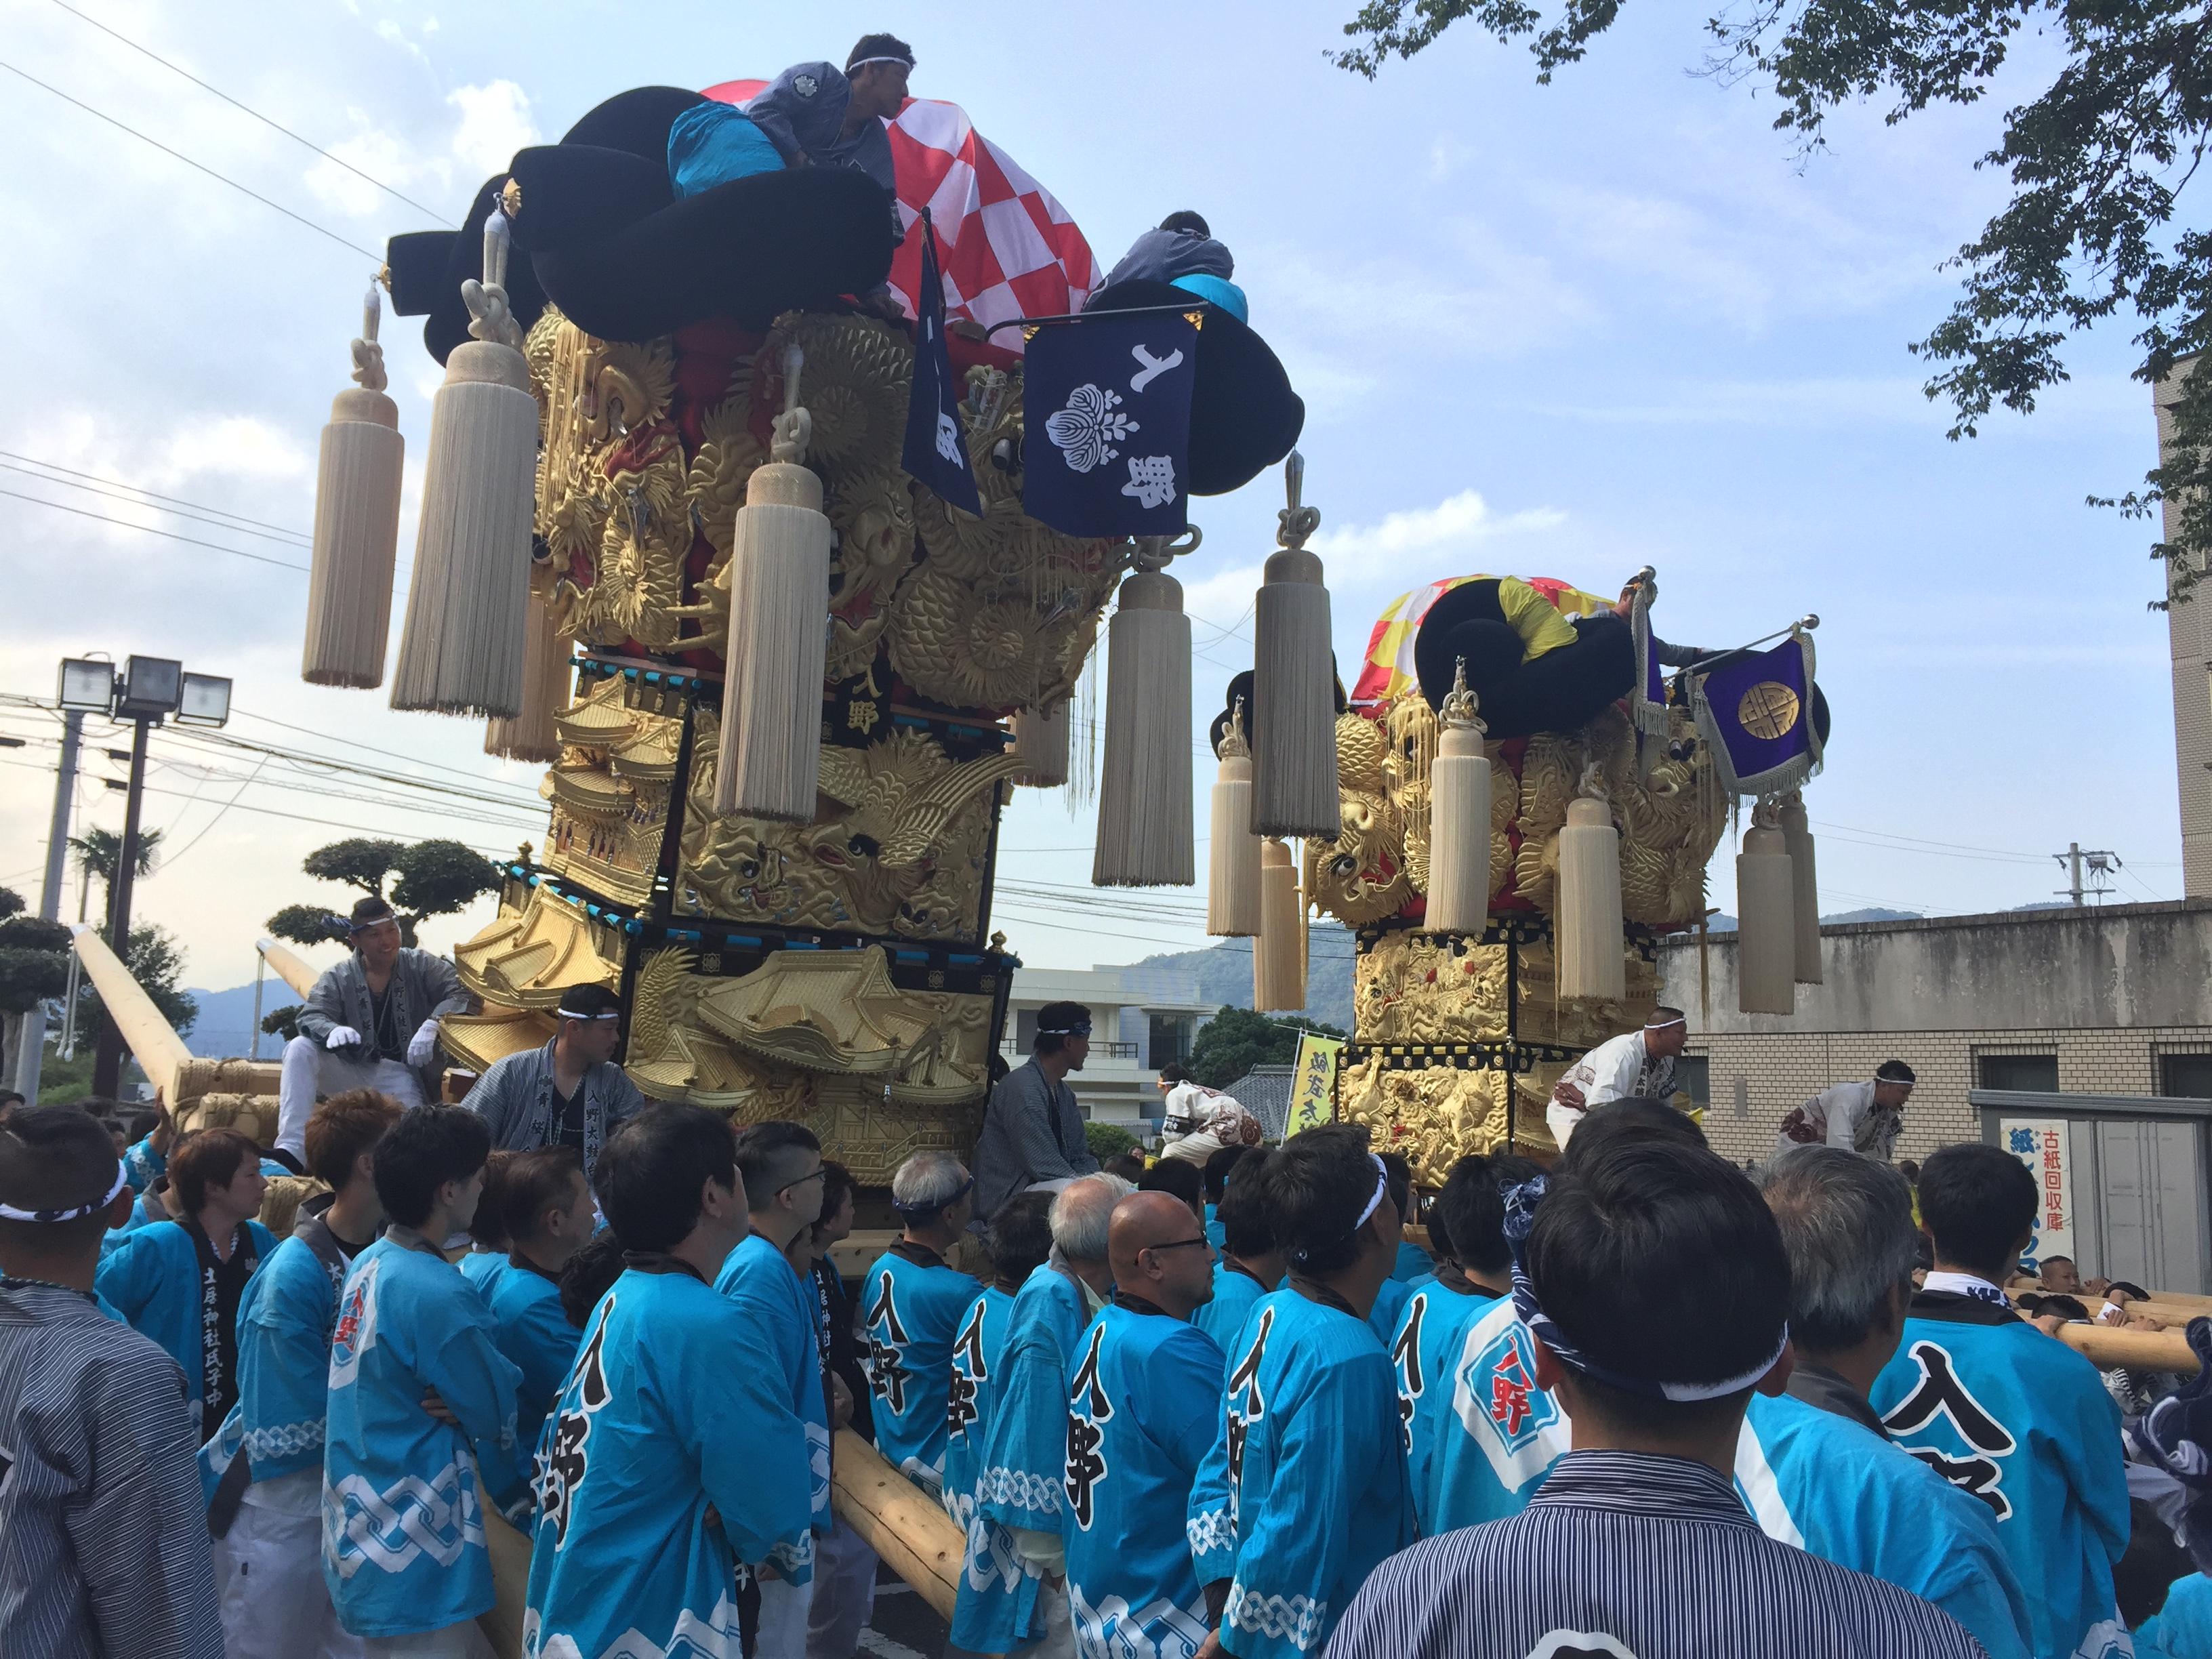 【体当たり取材】祭りは見るより参加する方が楽しい!四国中央市土居地区の入野太鼓台で「かきくらべ」に参加してきたよ!